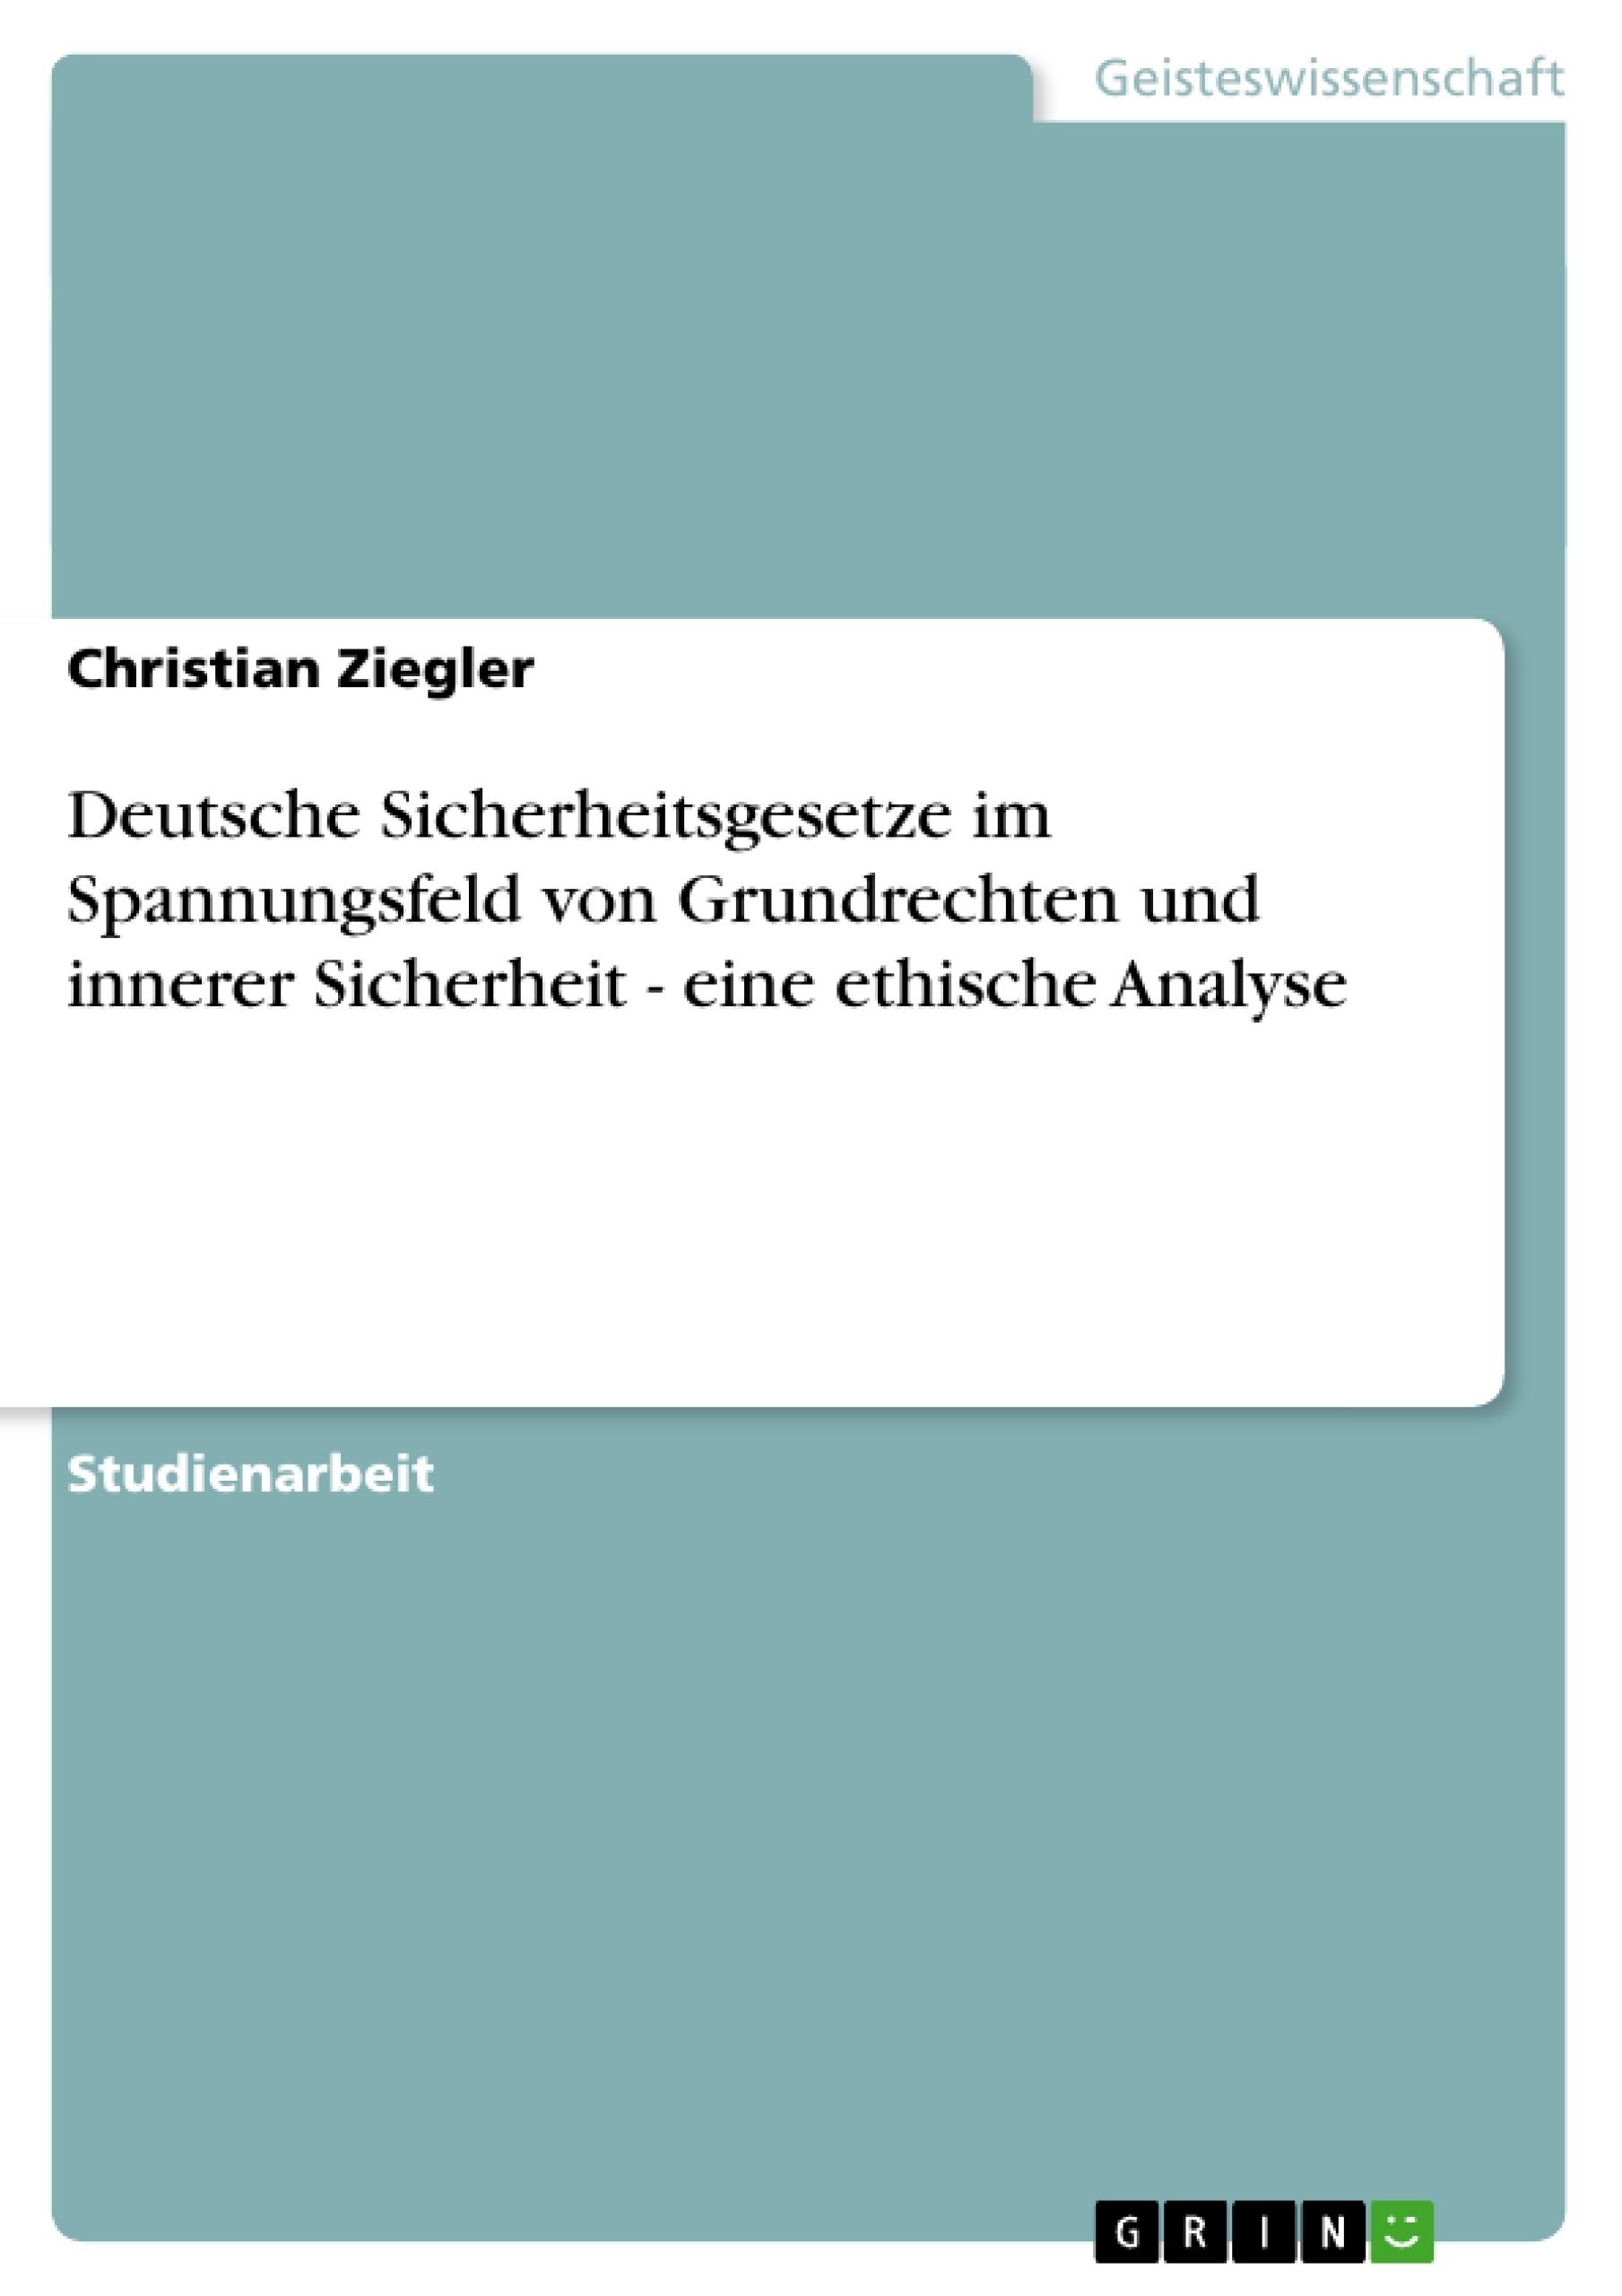 Titel: Deutsche Sicherheitsgesetze im Spannungsfeld von Grundrechten und innerer Sicherheit - eine ethische Analyse